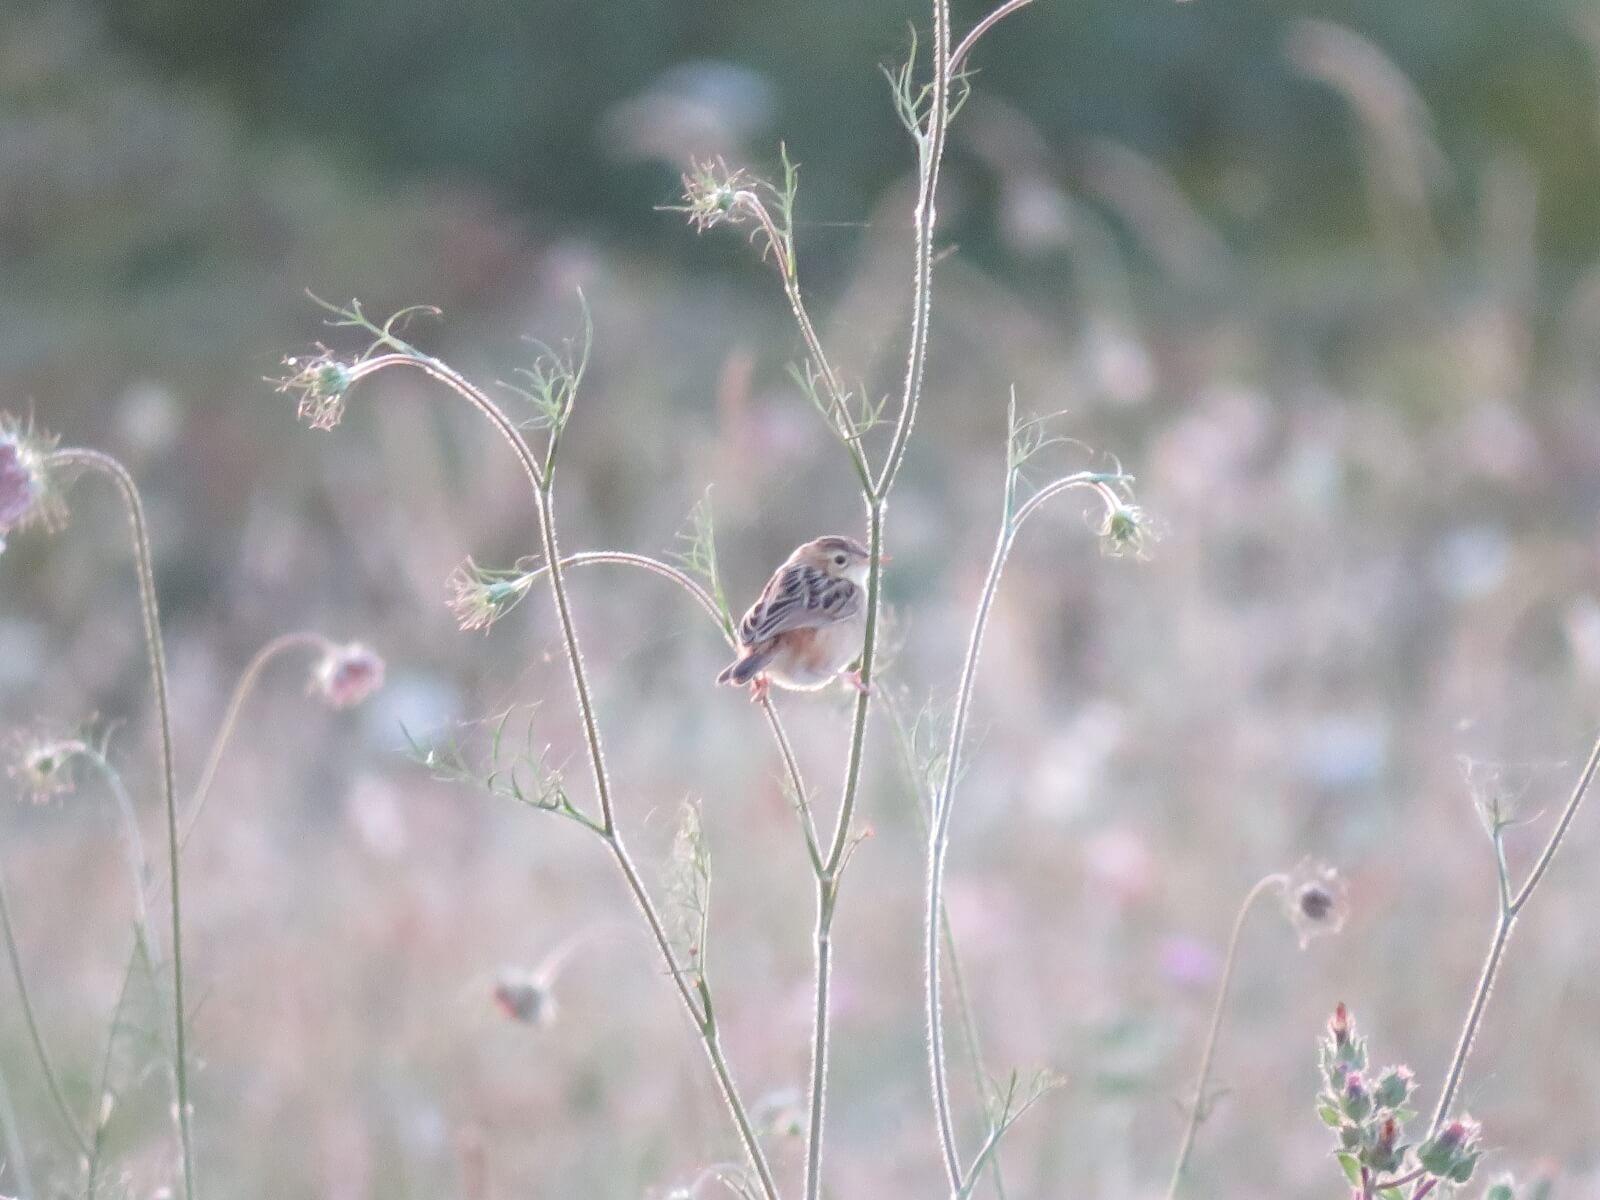 Graszanger, een vogel